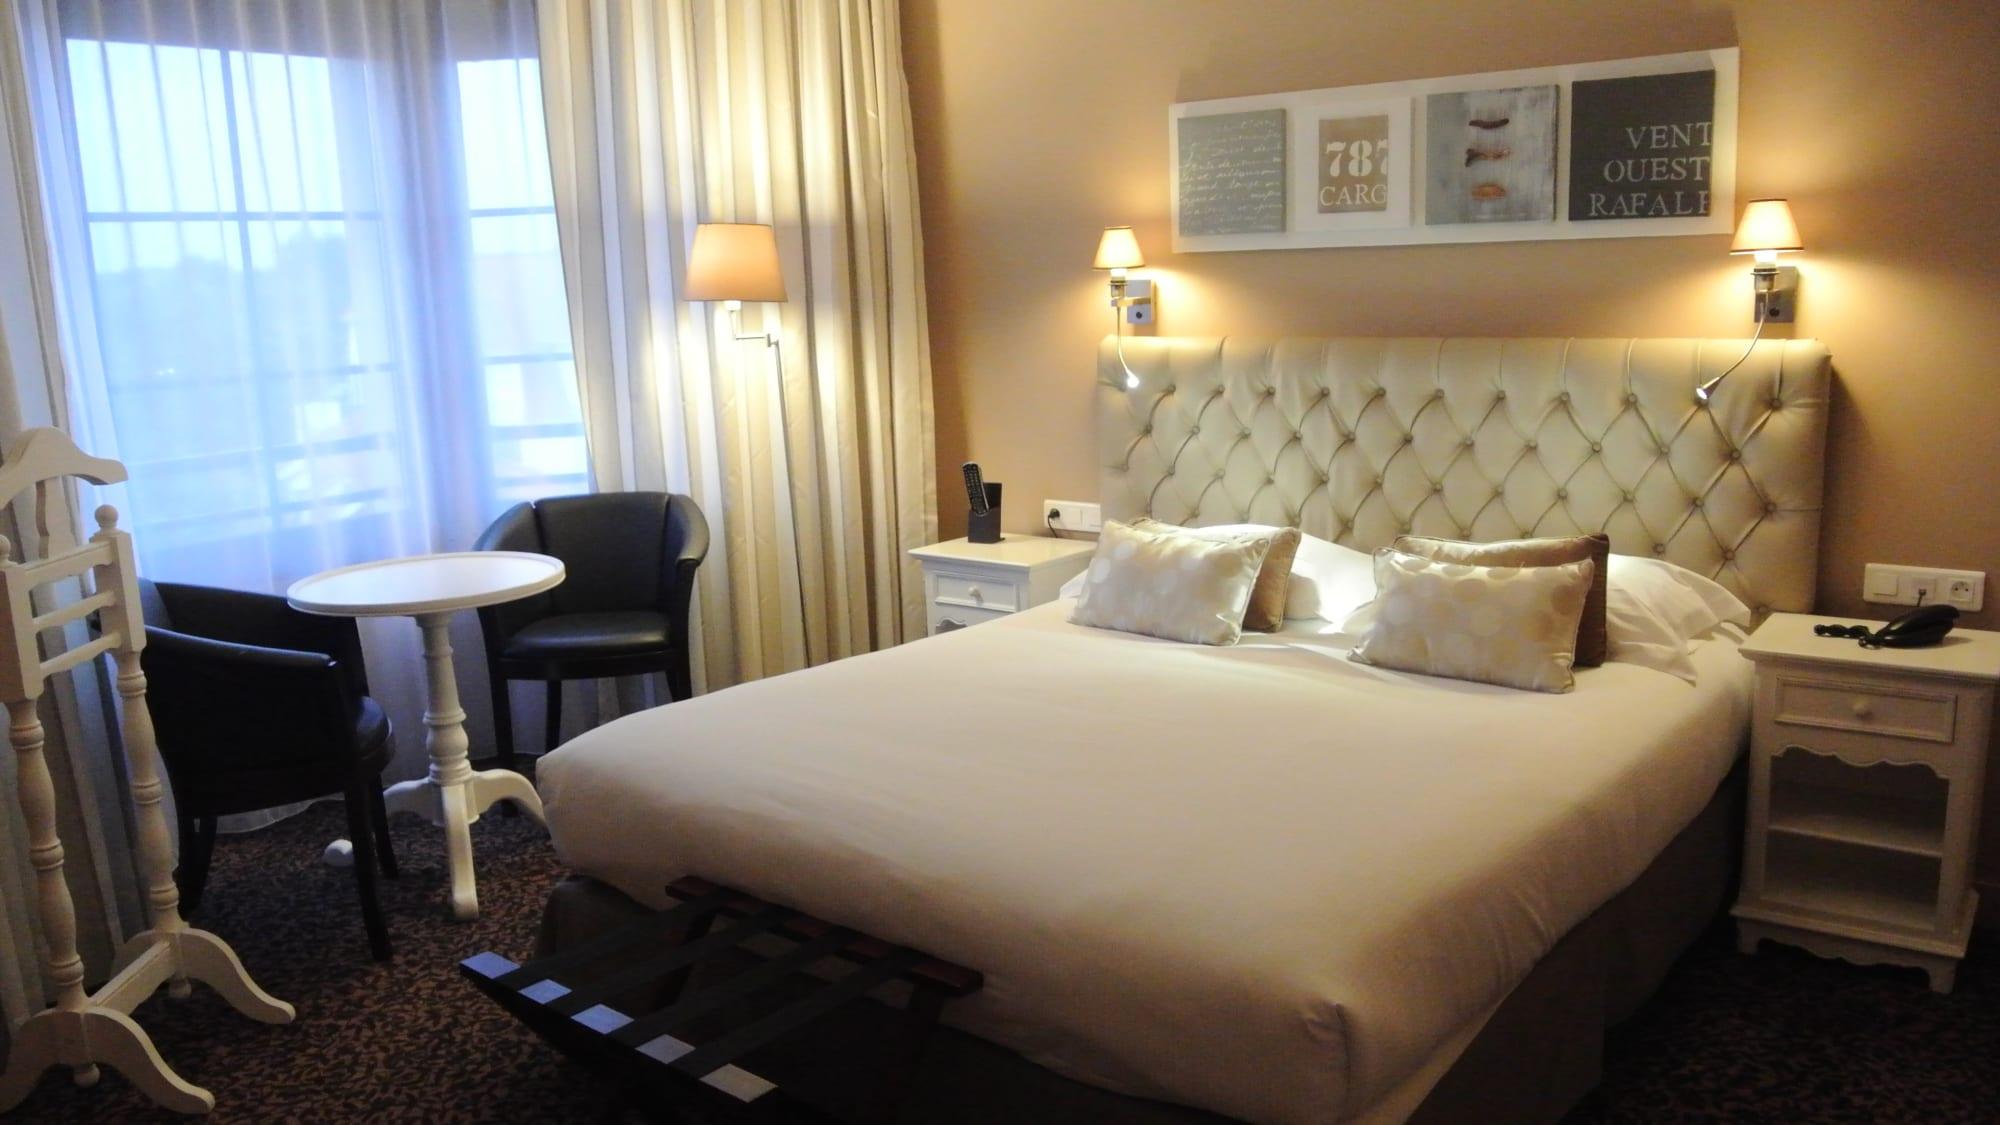 Hotel Hotel Les Jardins D'hardelot, Neufchatel-Hardelot - Ar ... encequiconcerne Jardin Hardelot